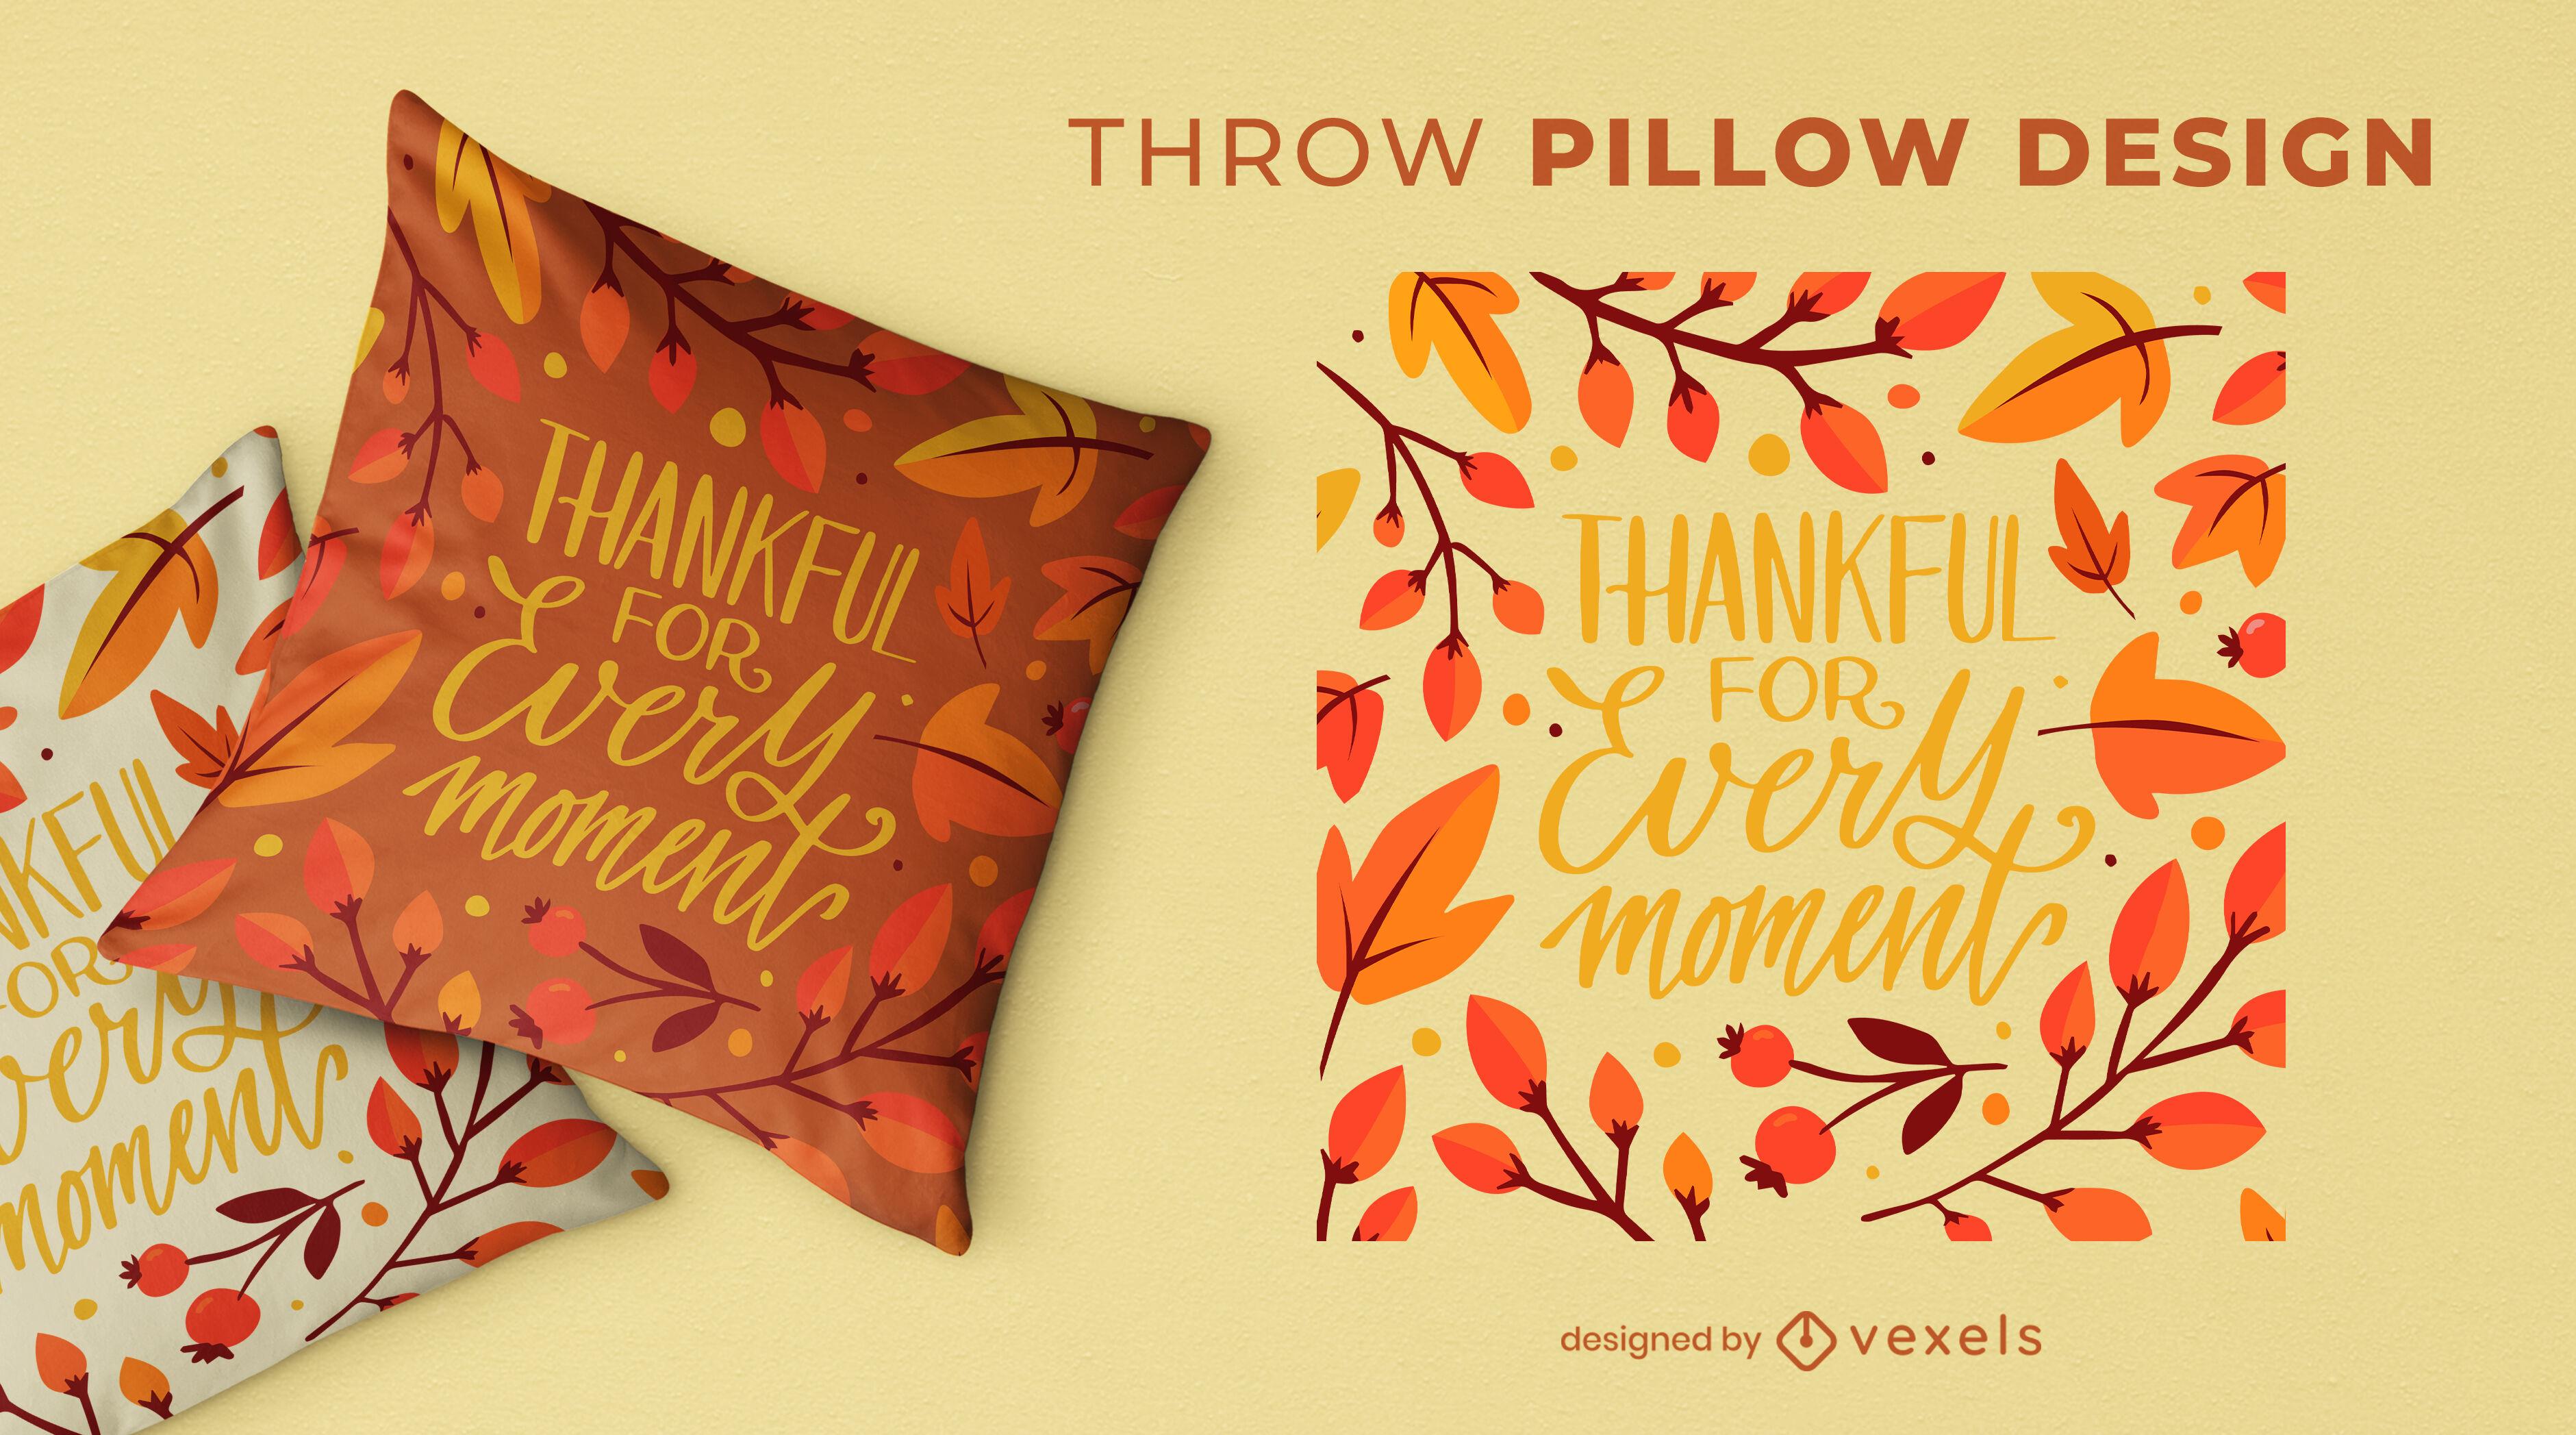 Diseño de almohada de tiro con letras de acción de gracias